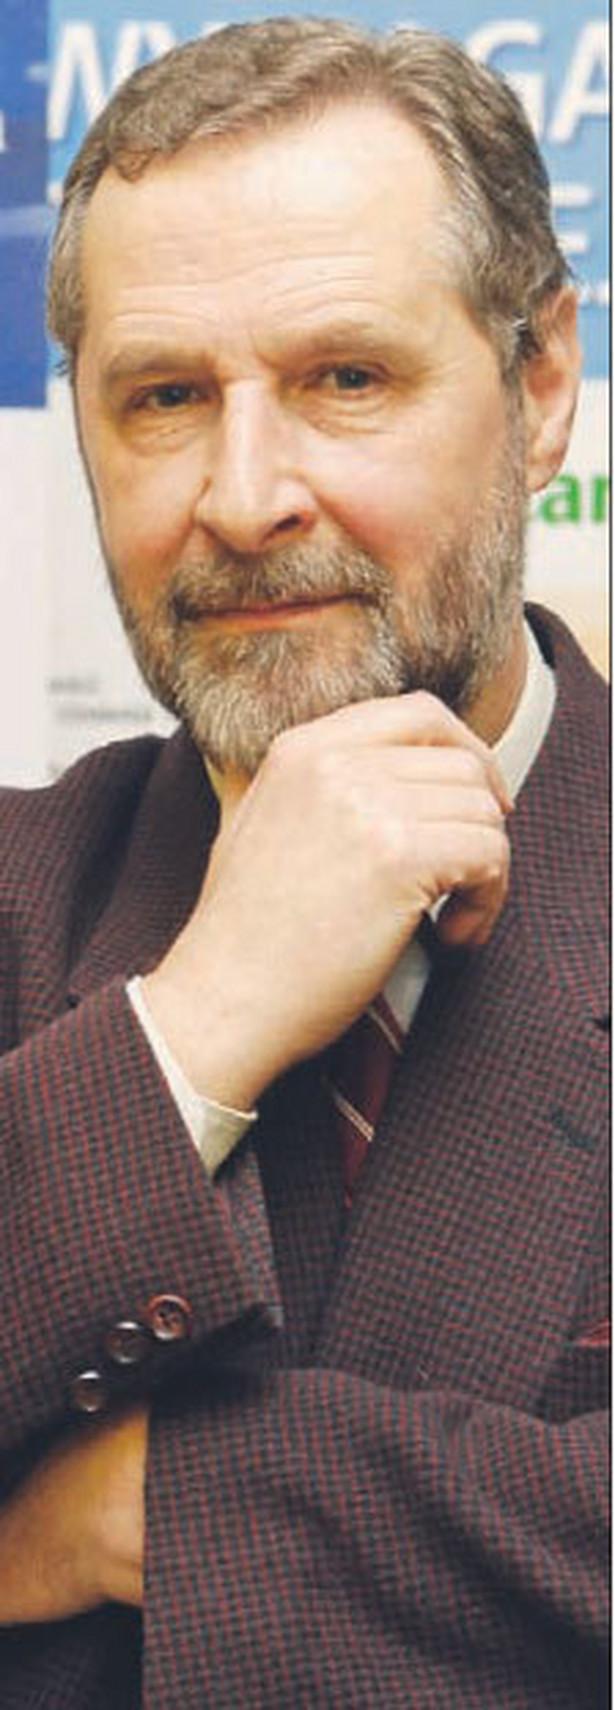 Jacek Zawistowski z Instytutu Chemicznej Przeróbki Węgla w Zabrzu Fot. Tomasz Jodłowski